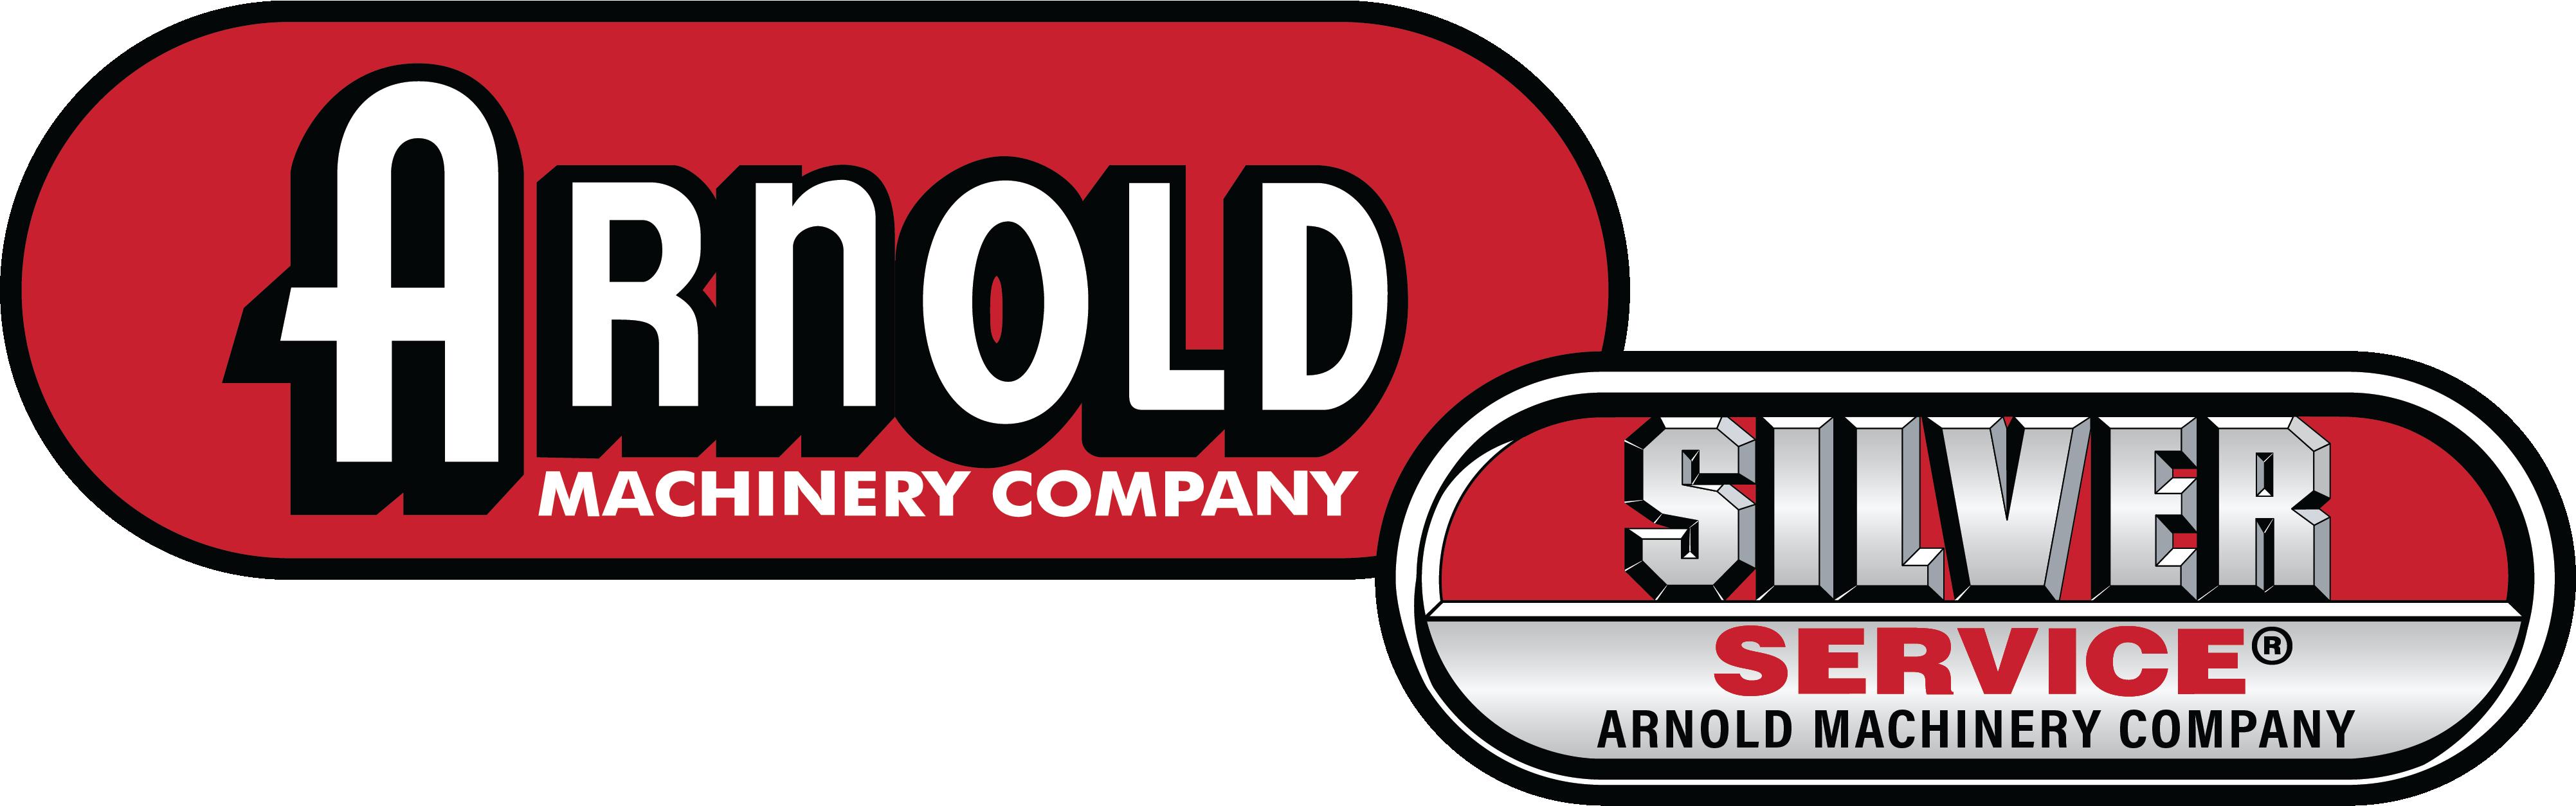 Arnold Machinery Company company logo